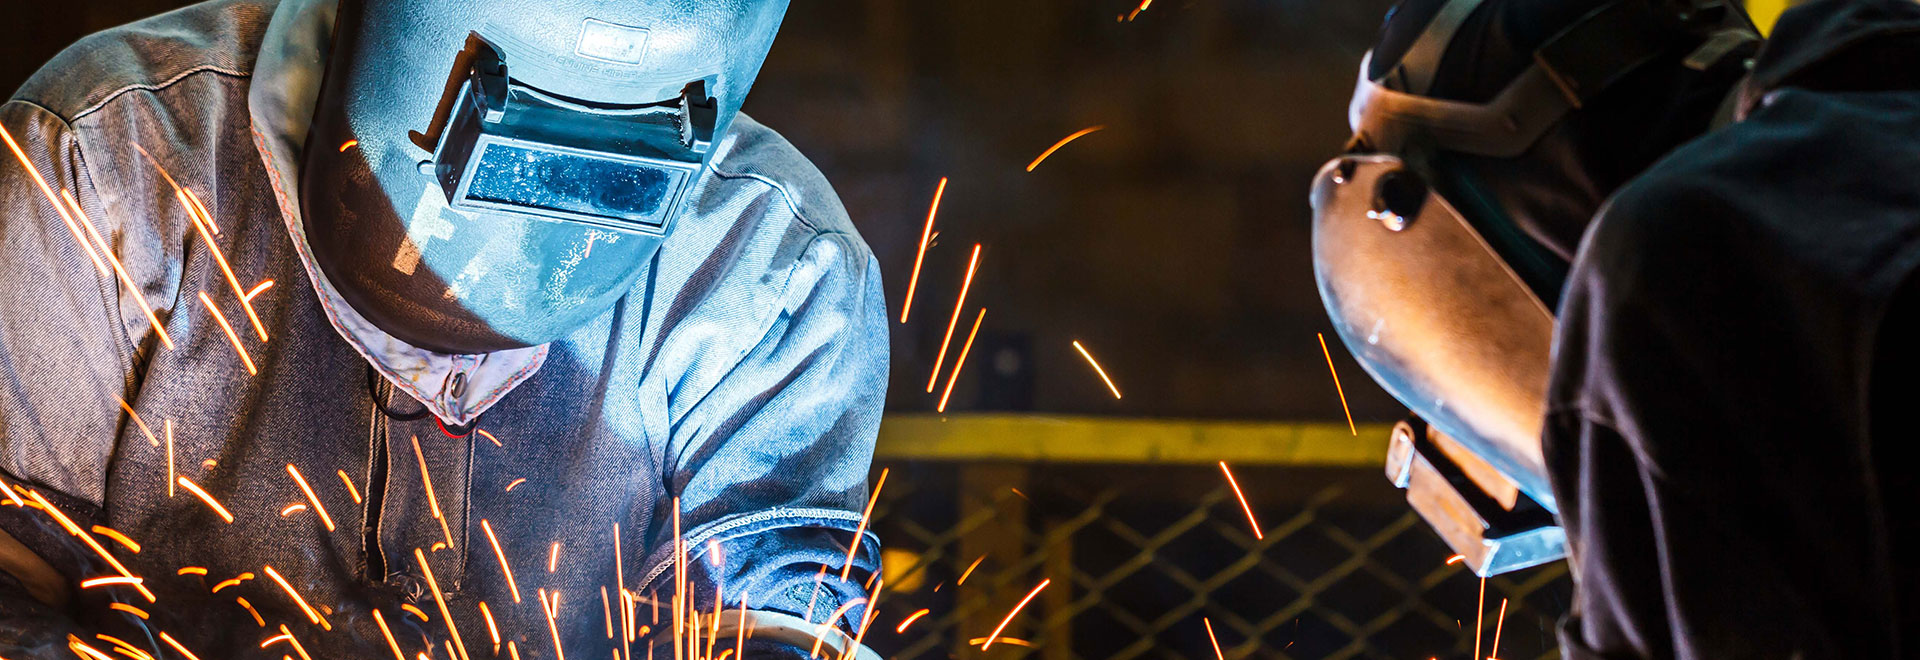 Industries-Welding